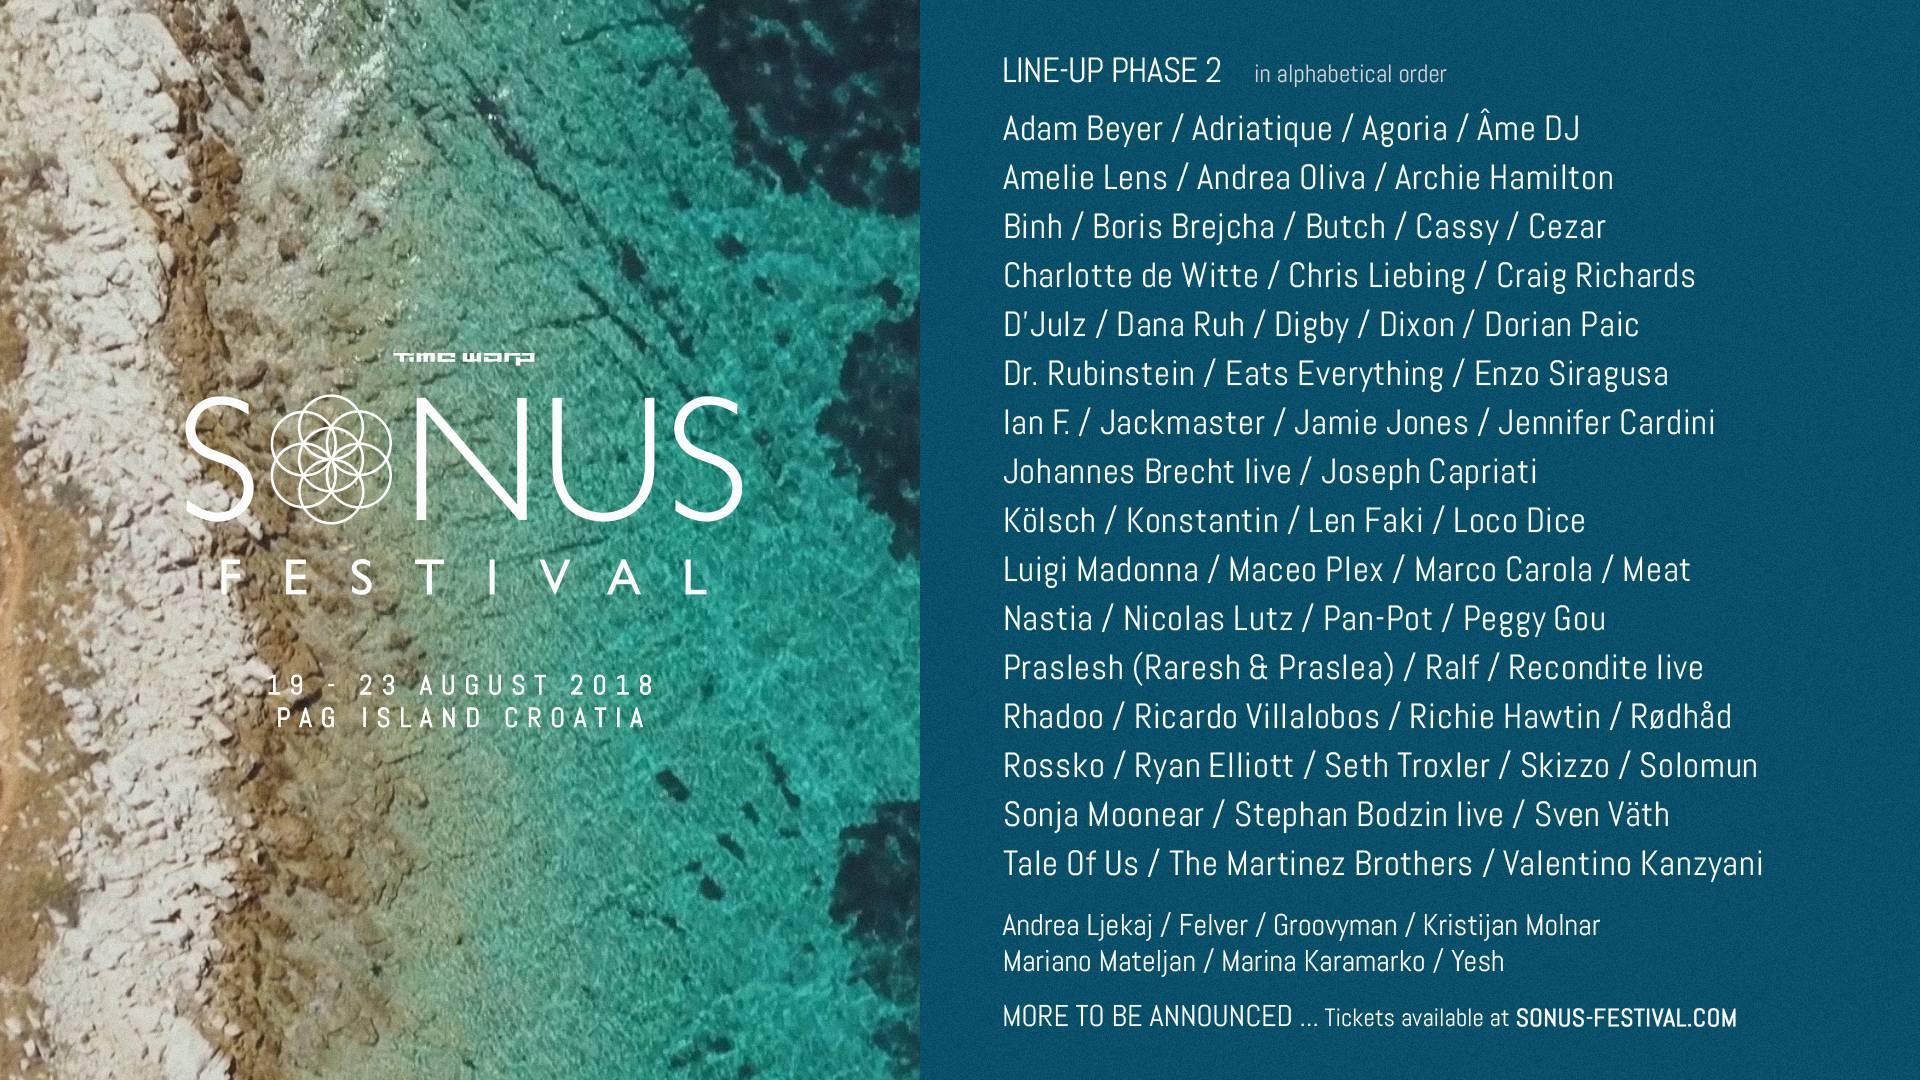 Saznajte koje zvijezde su se priključile Sonus festivalu